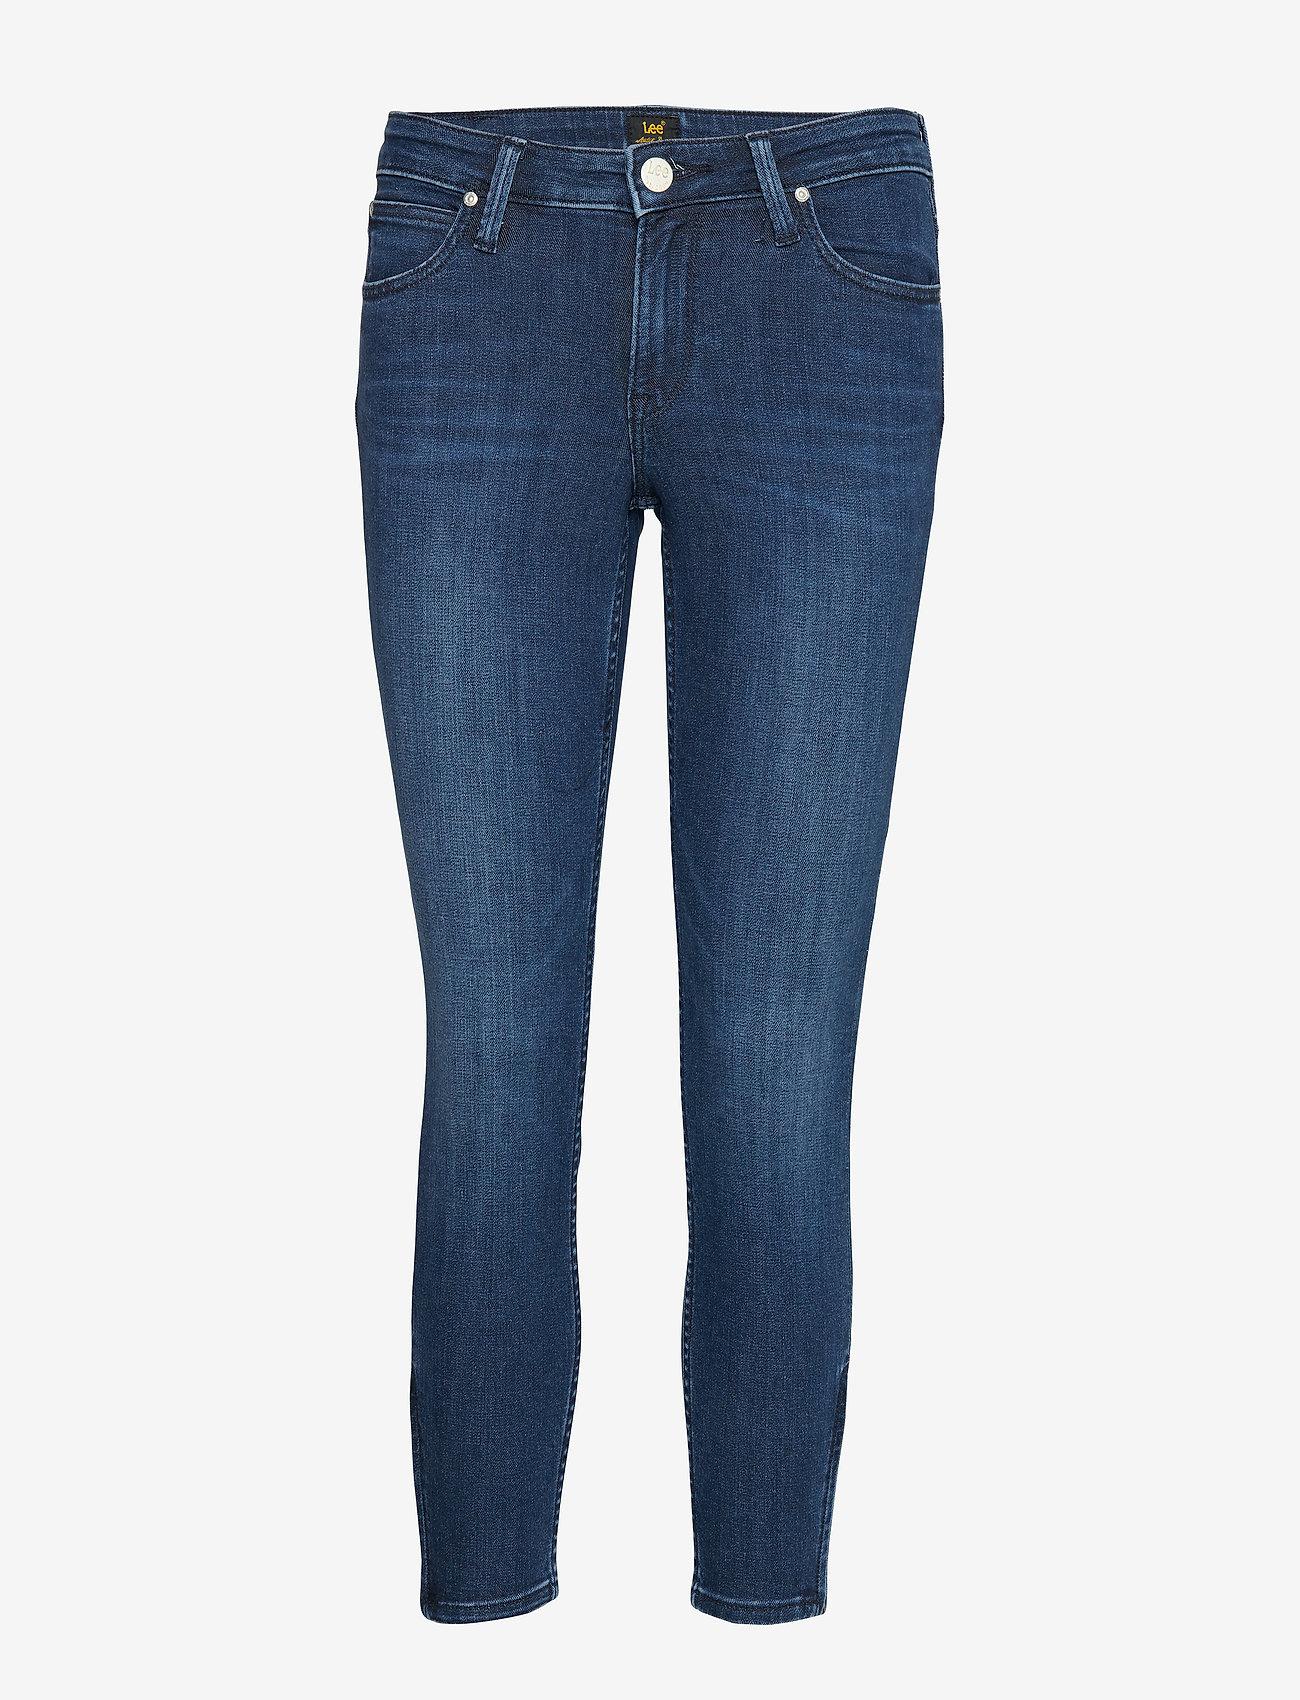 Lee Jeans - SCARLETT CROPPED - skinny jeans - sitka worn in - 0